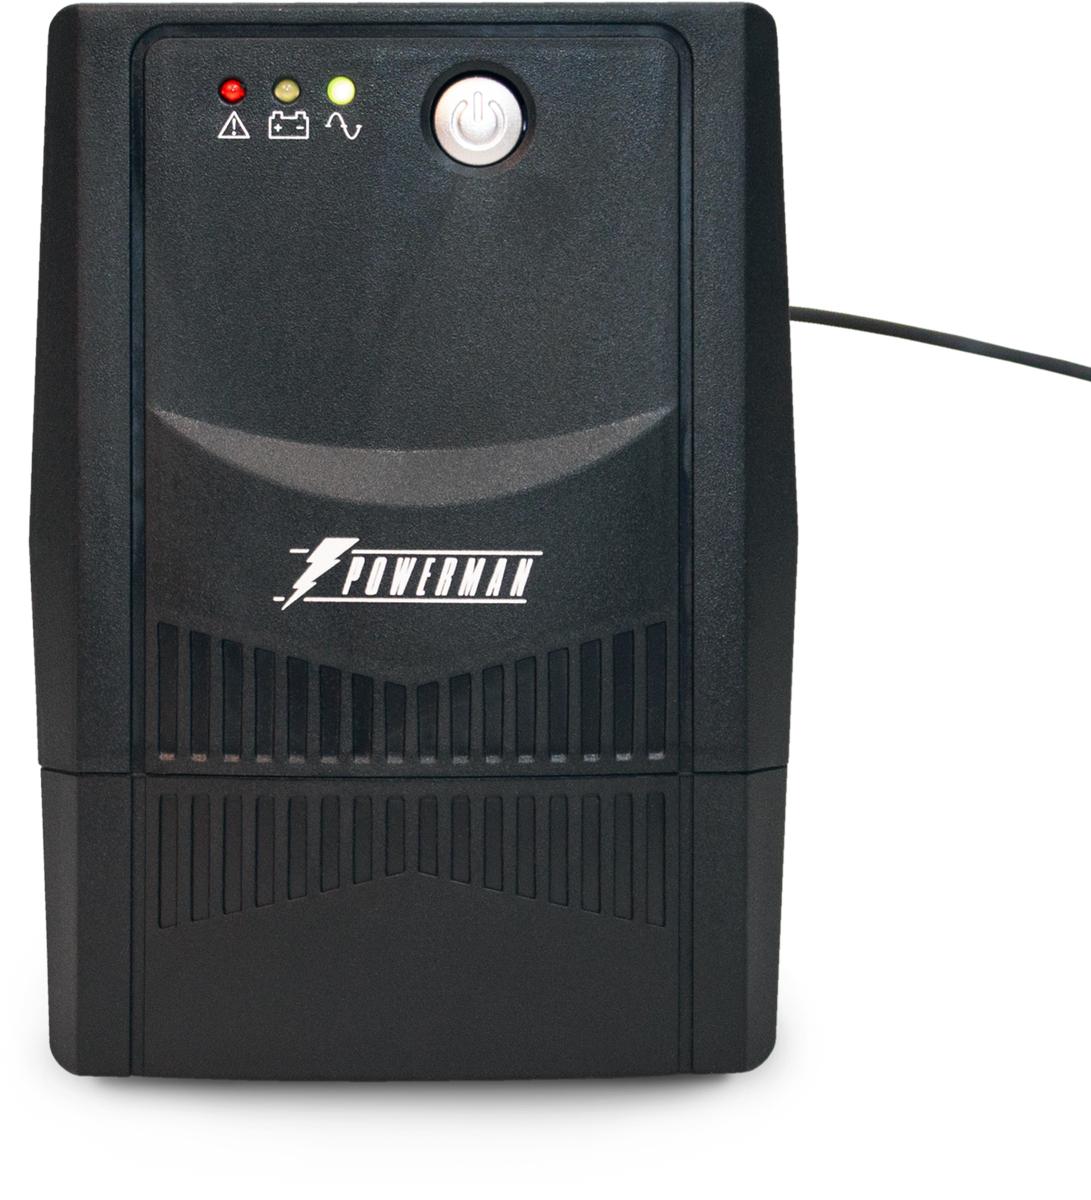 Источник бесперебойного питания Powerman UPS Вack Pro 600 Plus, 600 ВА1193077POWERMAN Back Pro 600 Plus - линейно-интерактивный ИБП мощностью 600ВА. Обеспечит надежную защиту ПК, рабочей станции, небольшого сервера, коммуникационного оборудования либо другой нагрузки небольшой мощности с импульсным блоком питания при полном отключении электросети, а также при работе сети с отклонениями от нормы: пониженным либо повышенным уровнем напряжения, наличием импульсных и высокочастотных помех.